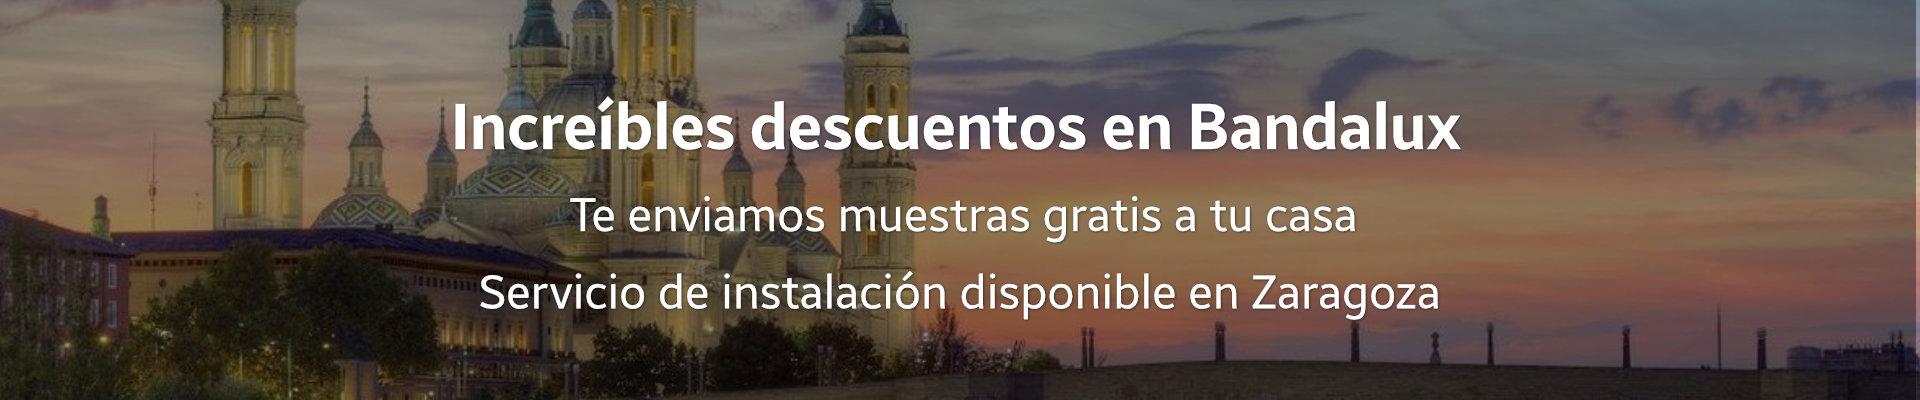 Grandes descuentos en Bandalux para Zaragoza